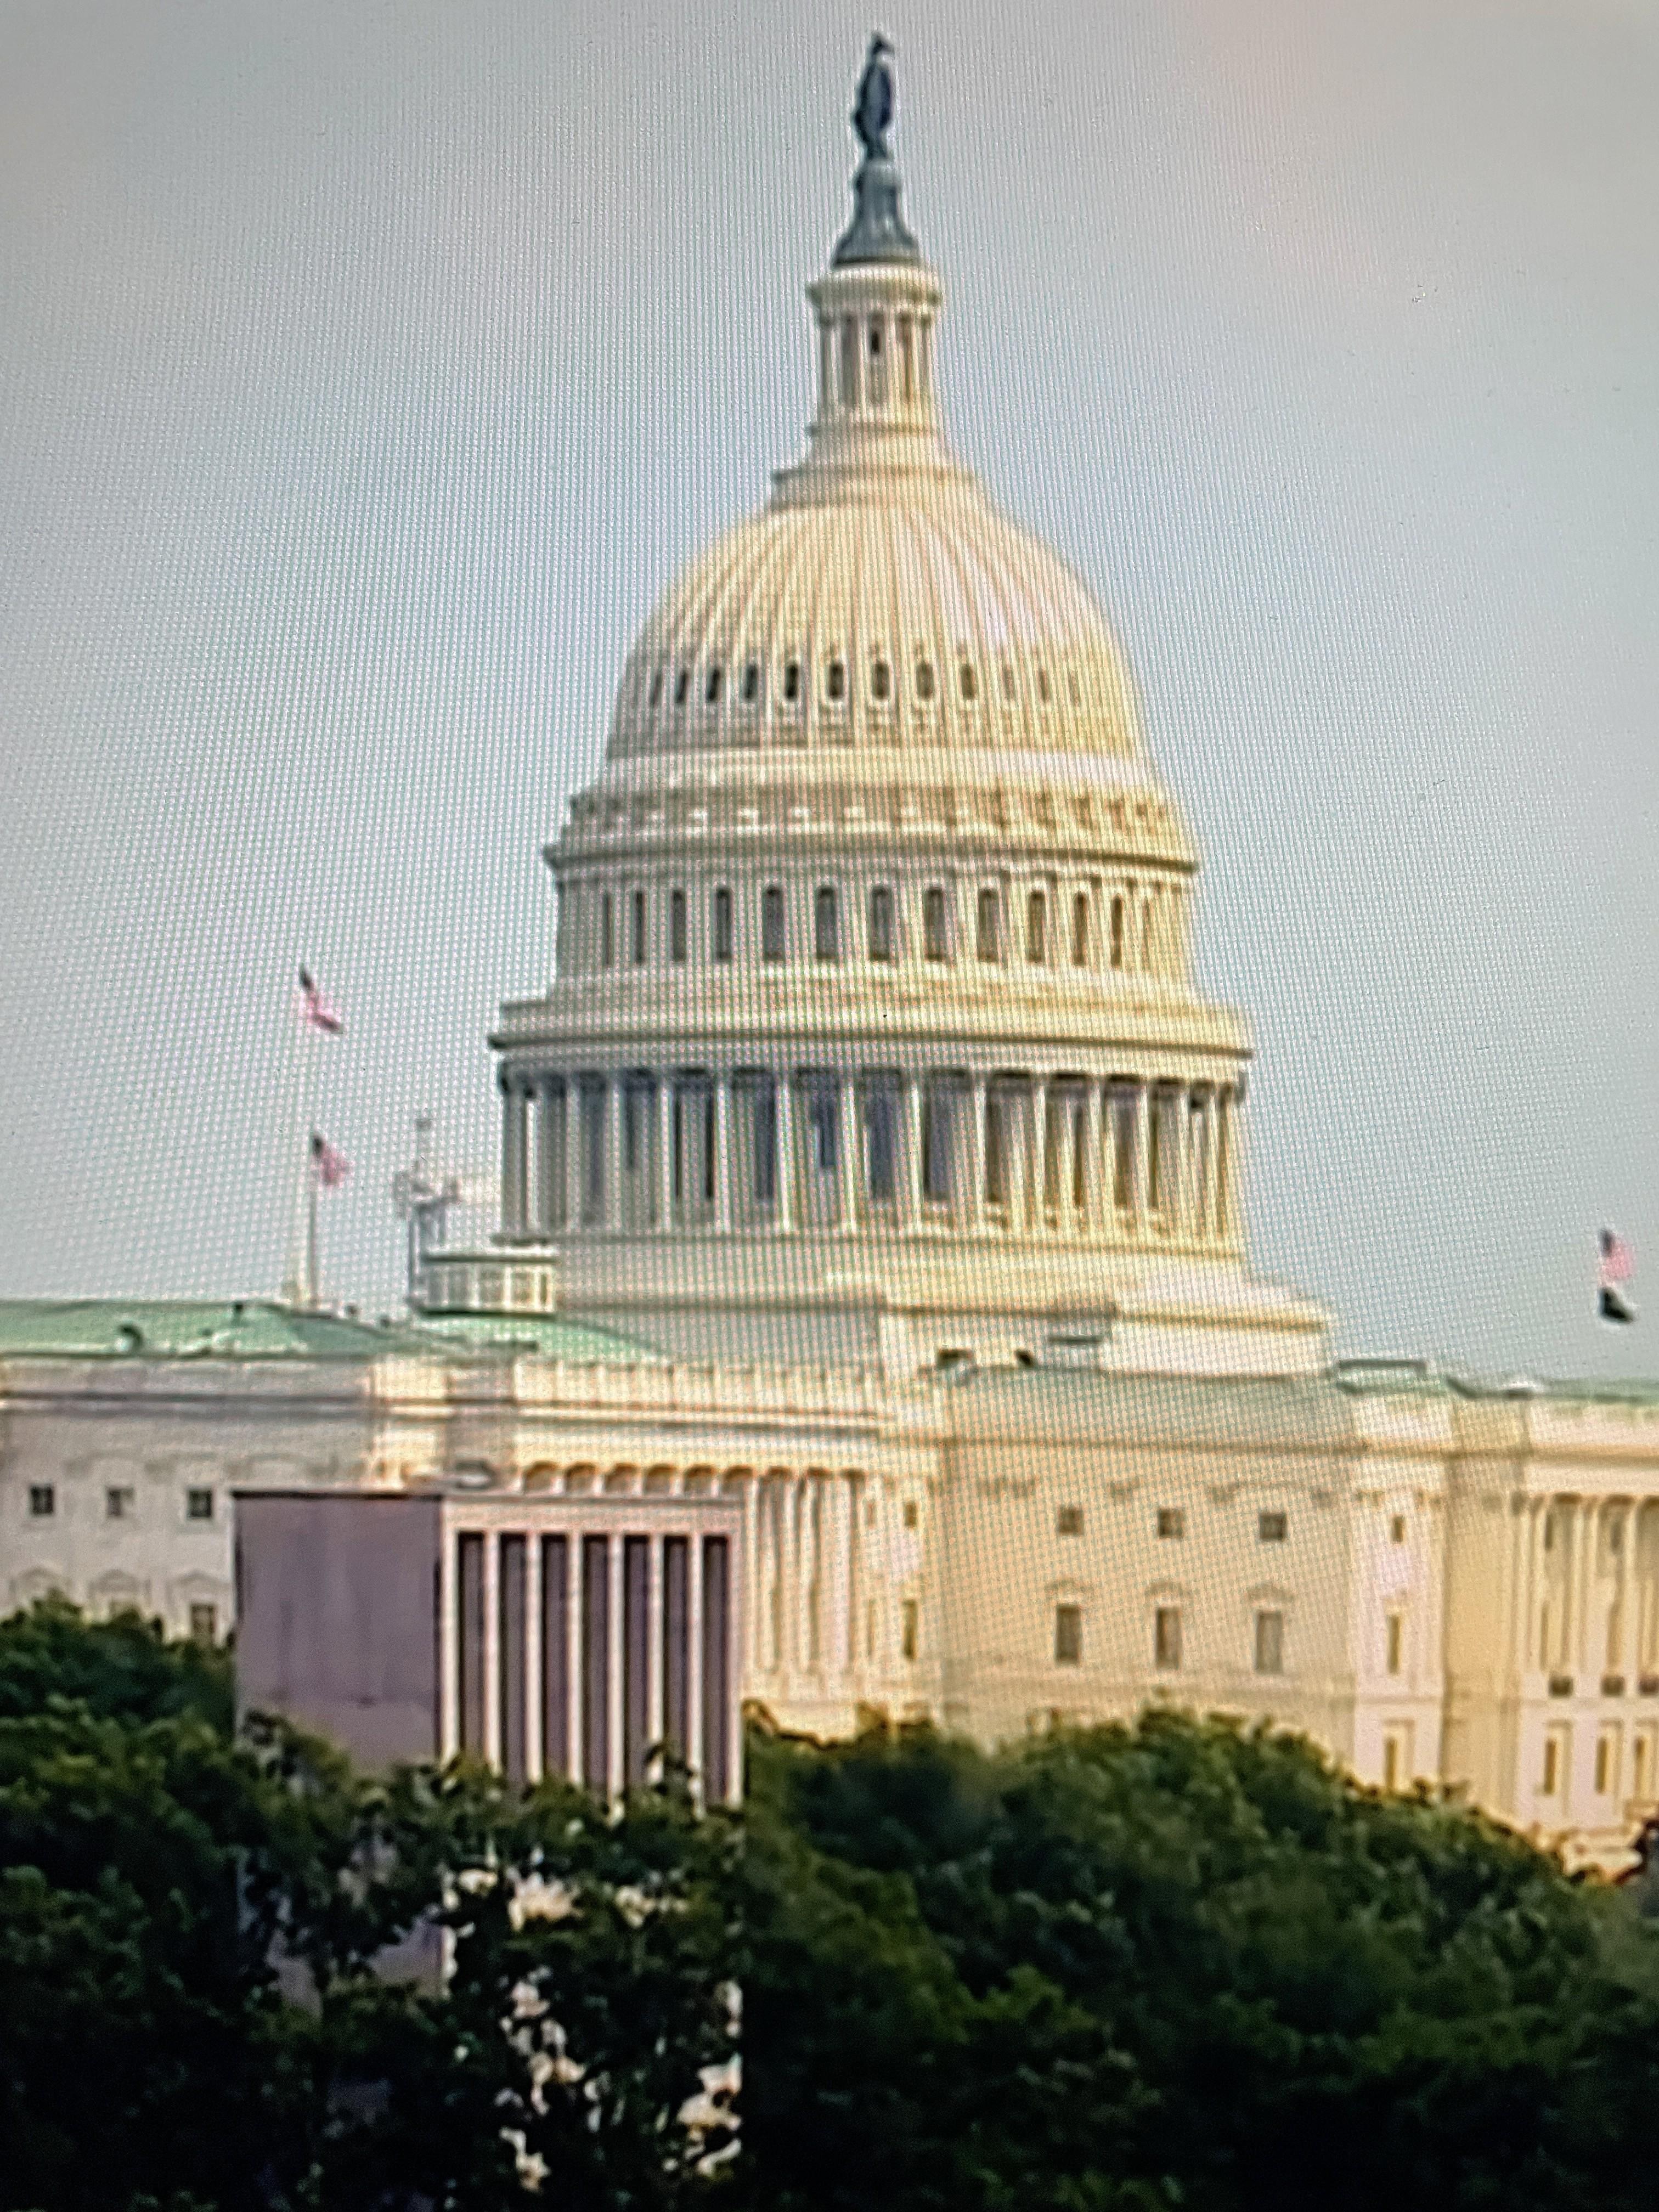 Edificio del Capitoio, que alberga al Congreso de EE UU. Foto: José López Zamorano.